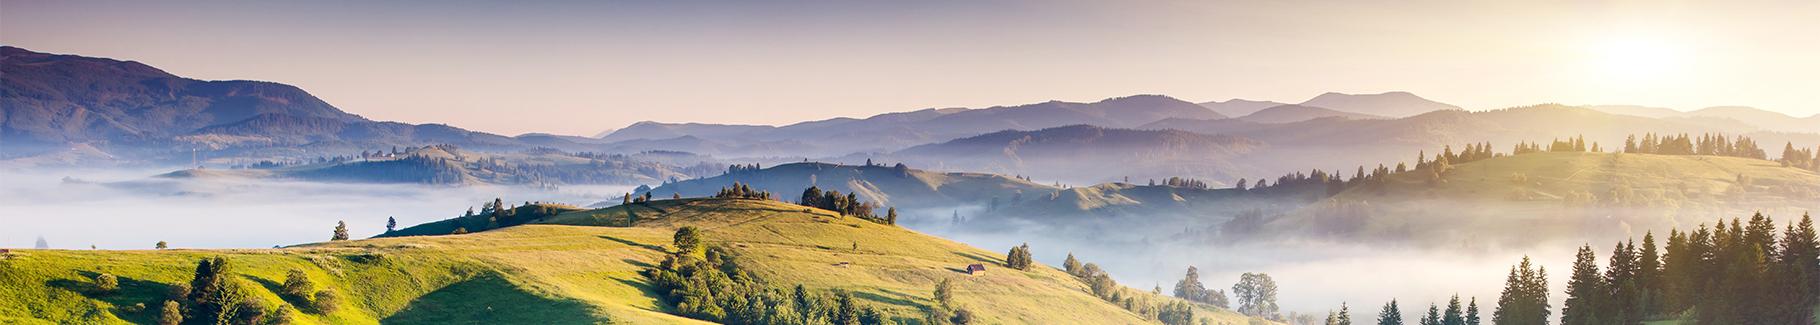 Obraz krajobraz górski o zachodzie słońca